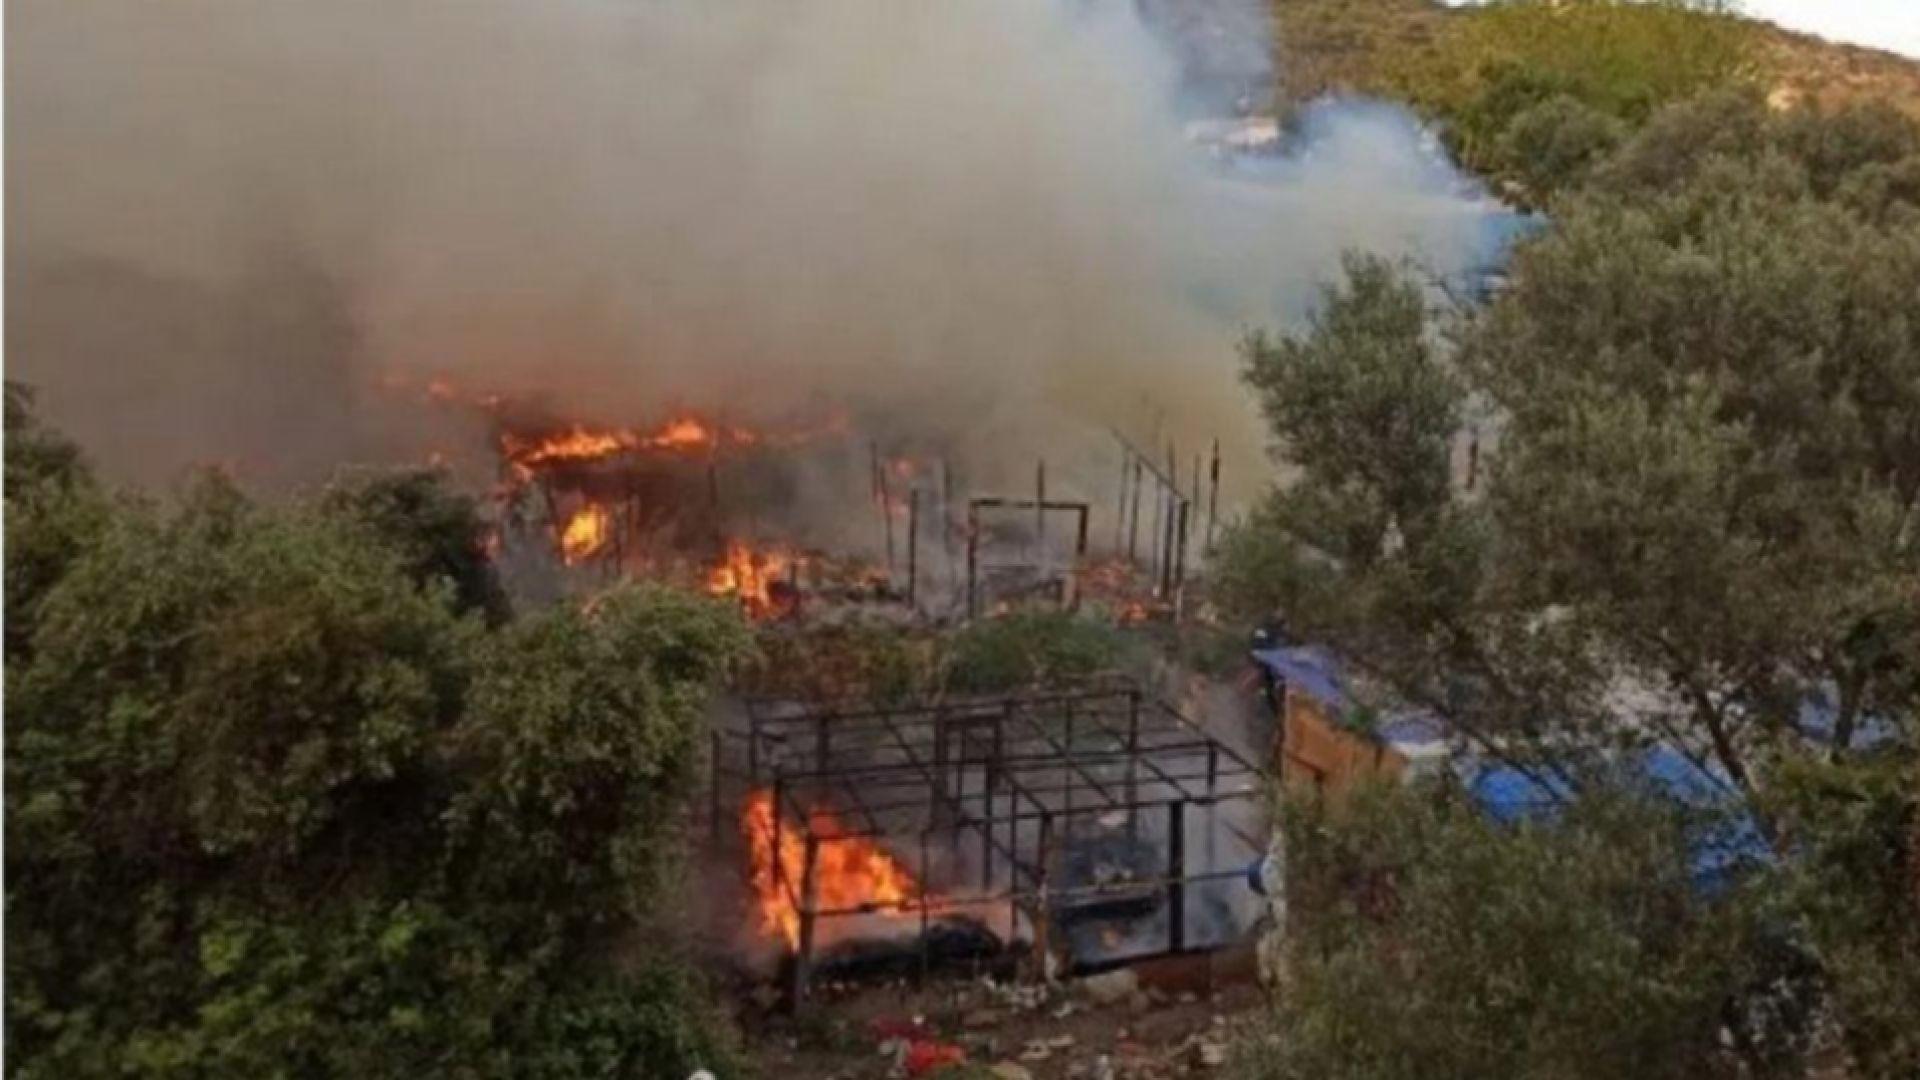 Най-малко два пожара са избухнали в непосредствена близост до лагер